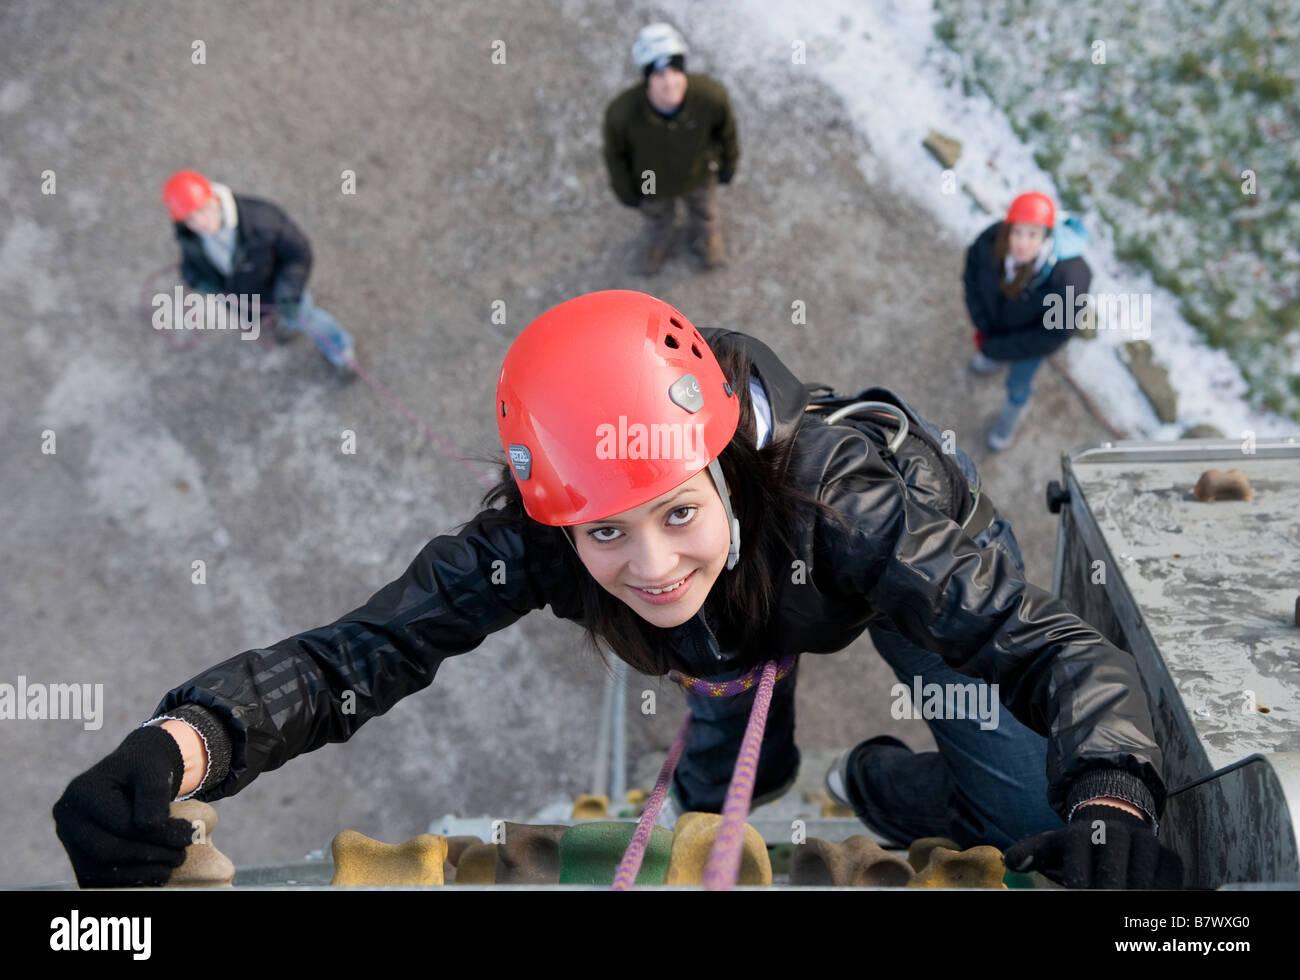 Junge Frau auf einer Kletterwand mit Freunden unten. Stockbild